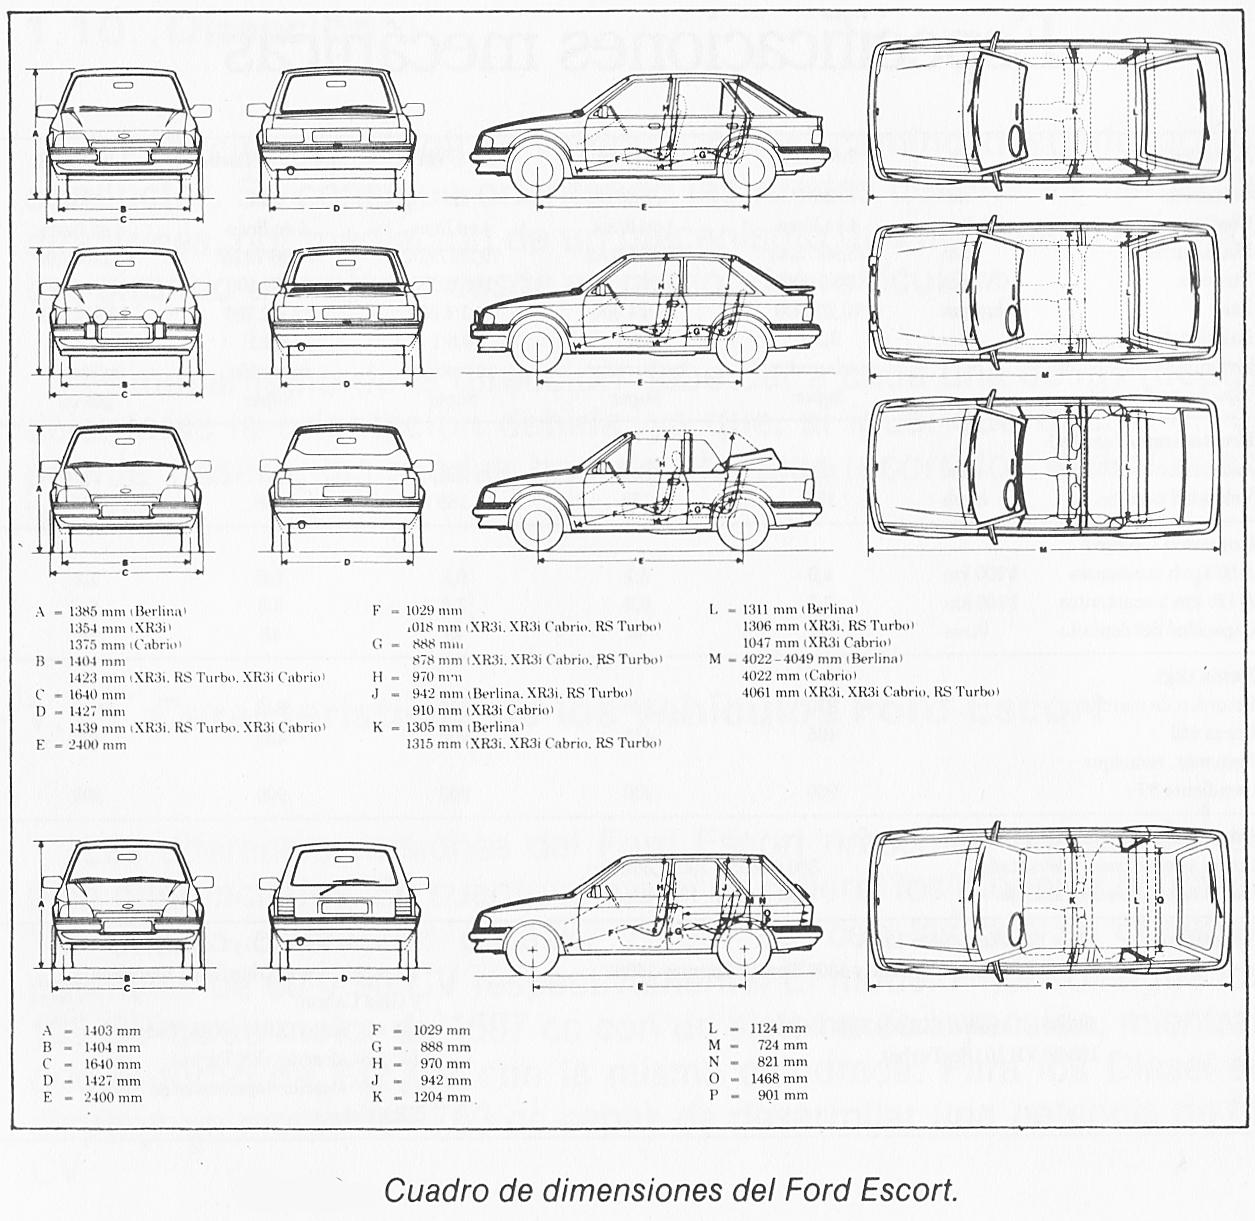 @Garrone: Medidas de carrocería Ford Escort MK3